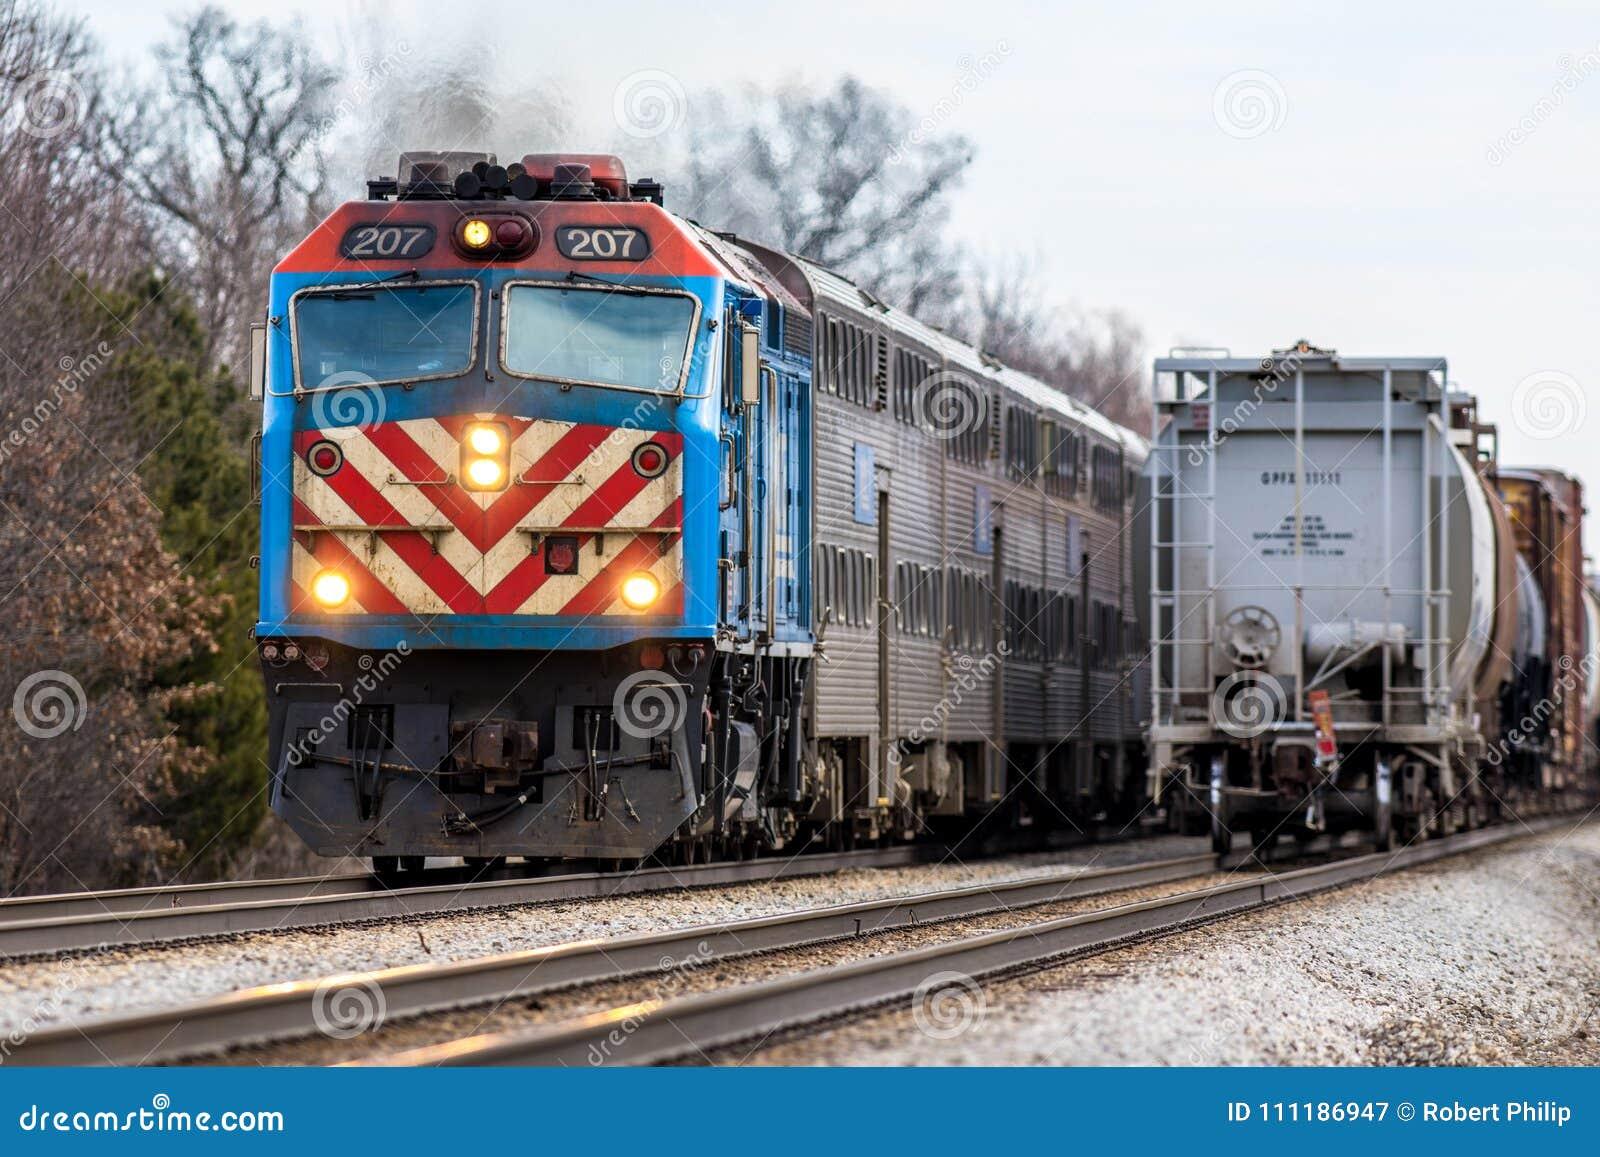 Η αμαξοστοιχία περιφερειακού σιδηροδρόμου Metra περνά το φορτηγό τρένο ανατολικά Joliet